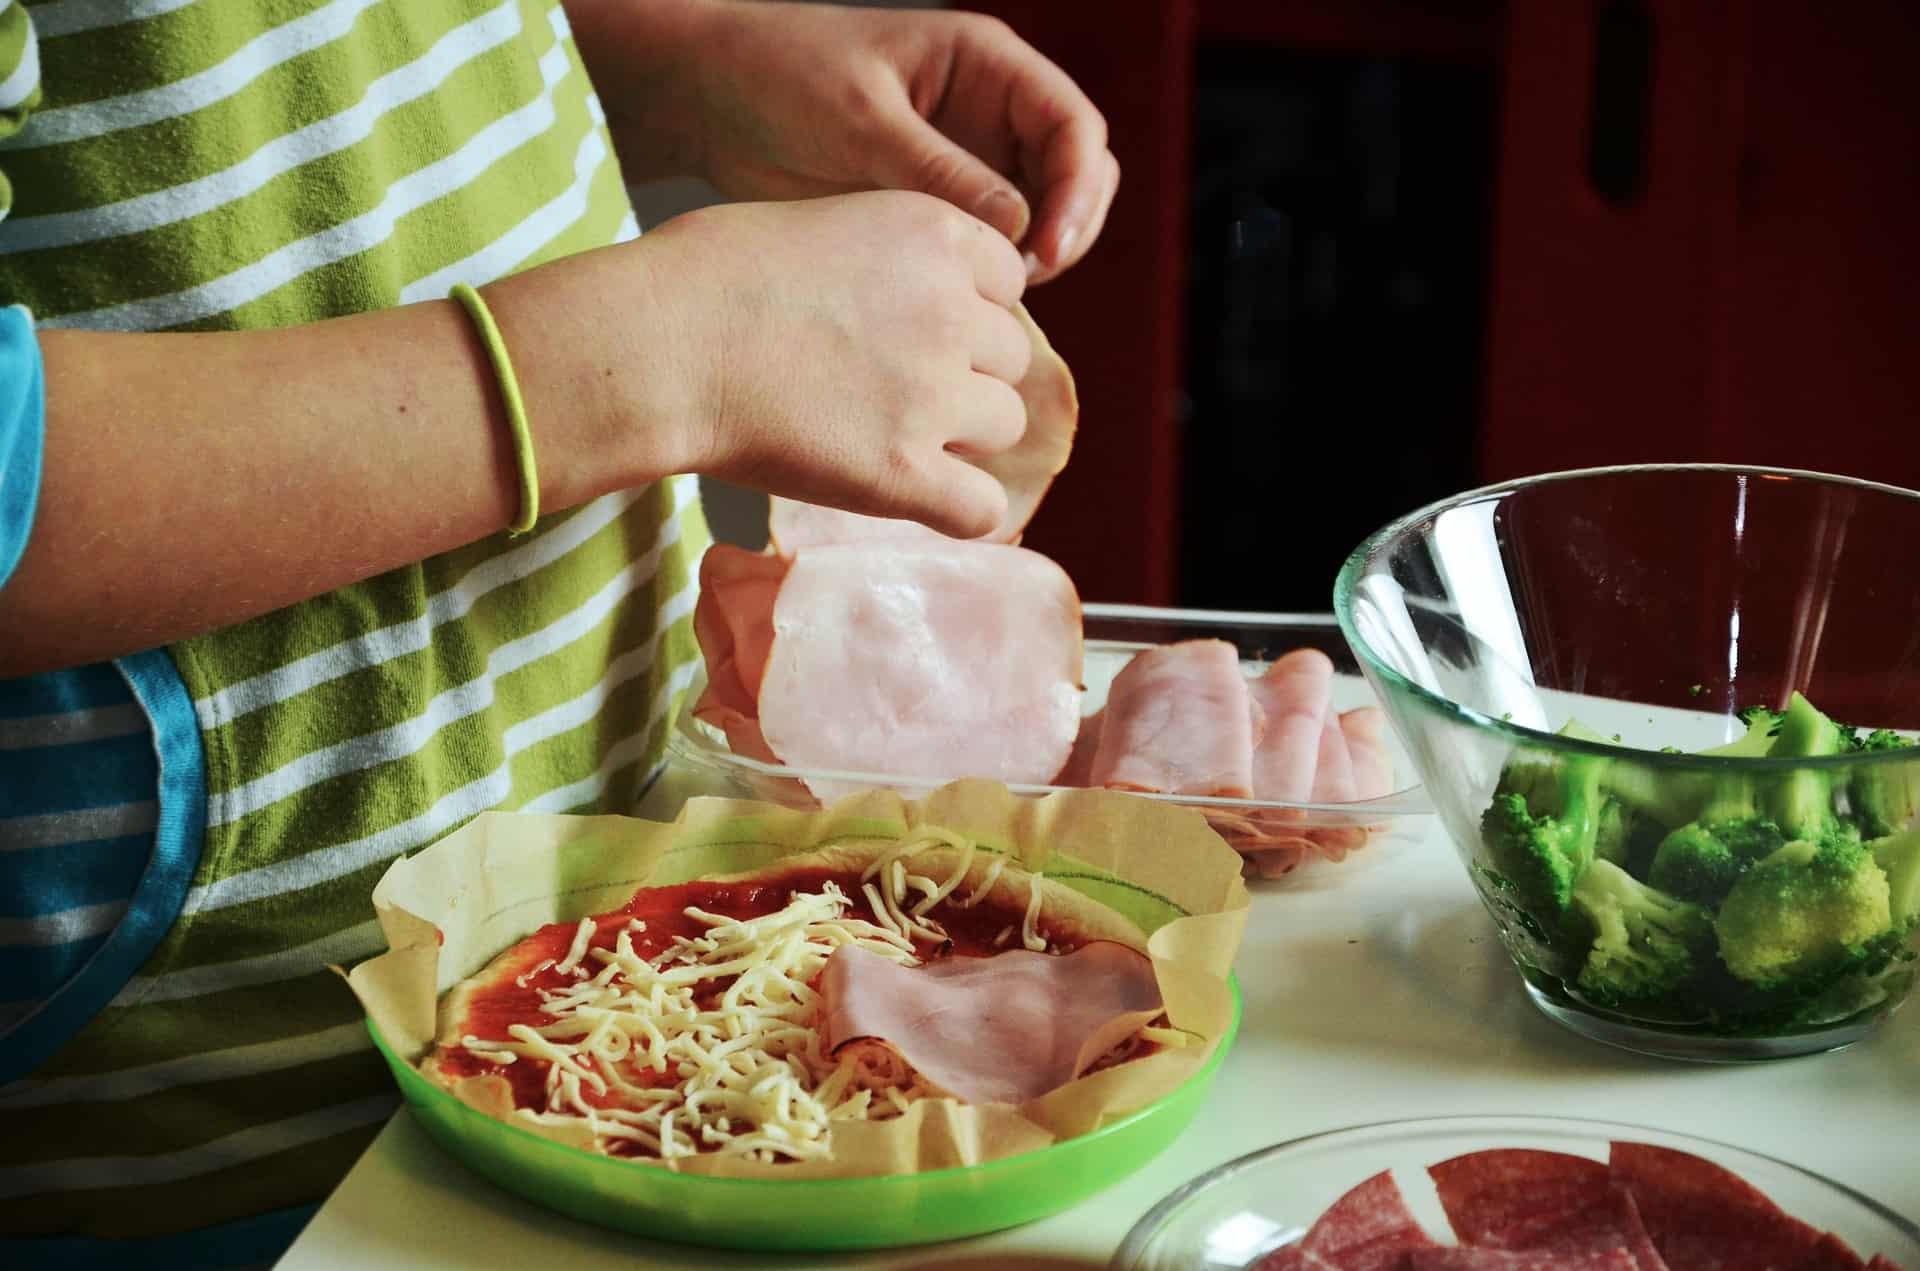 Niño cocinando una pizza